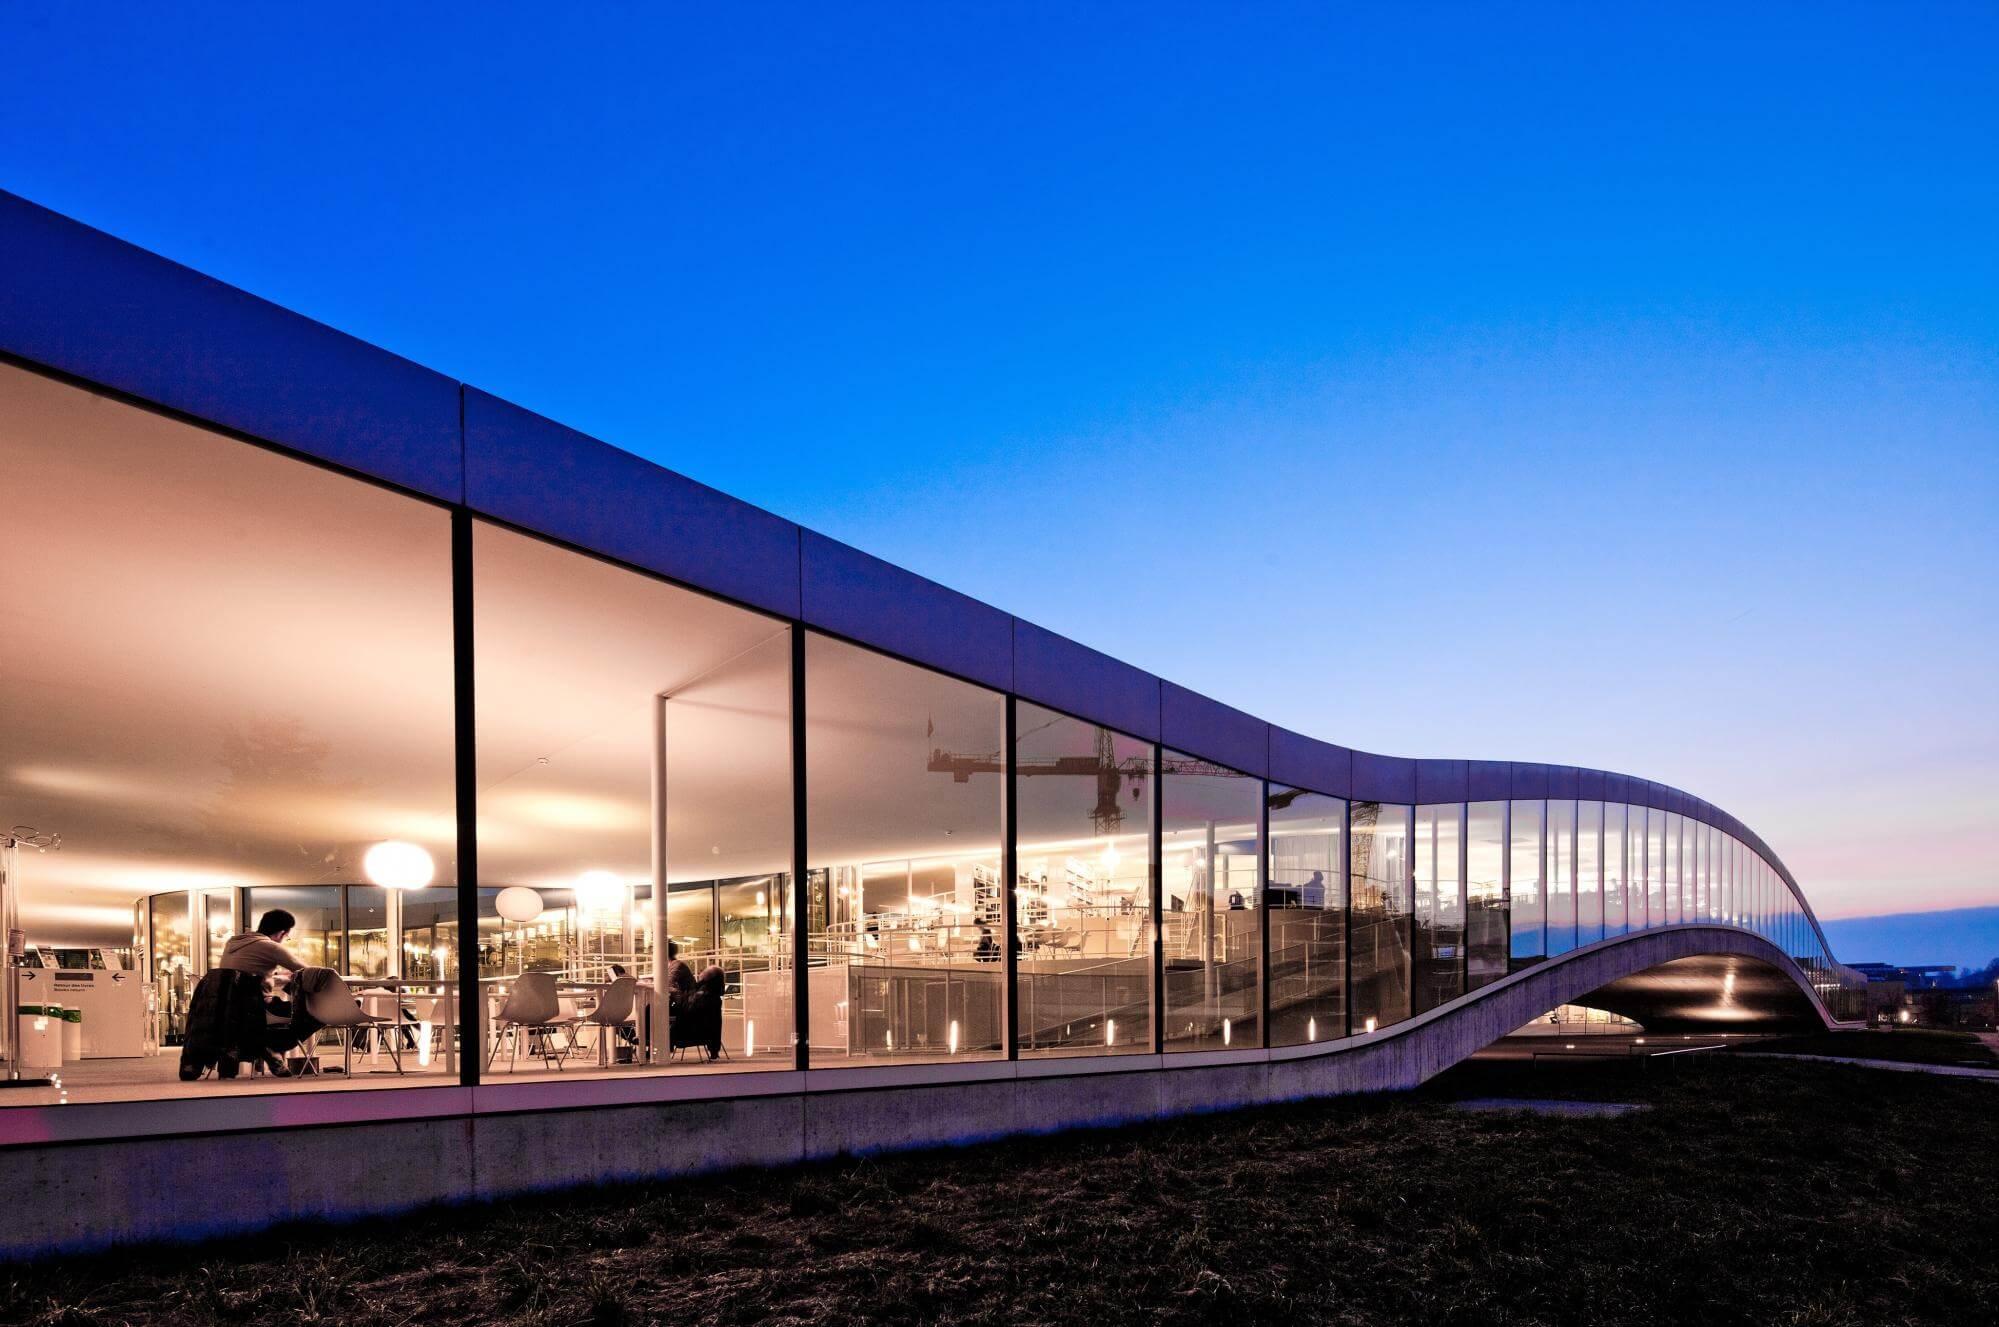 Учебный центр Rolex Learning Center EPFL